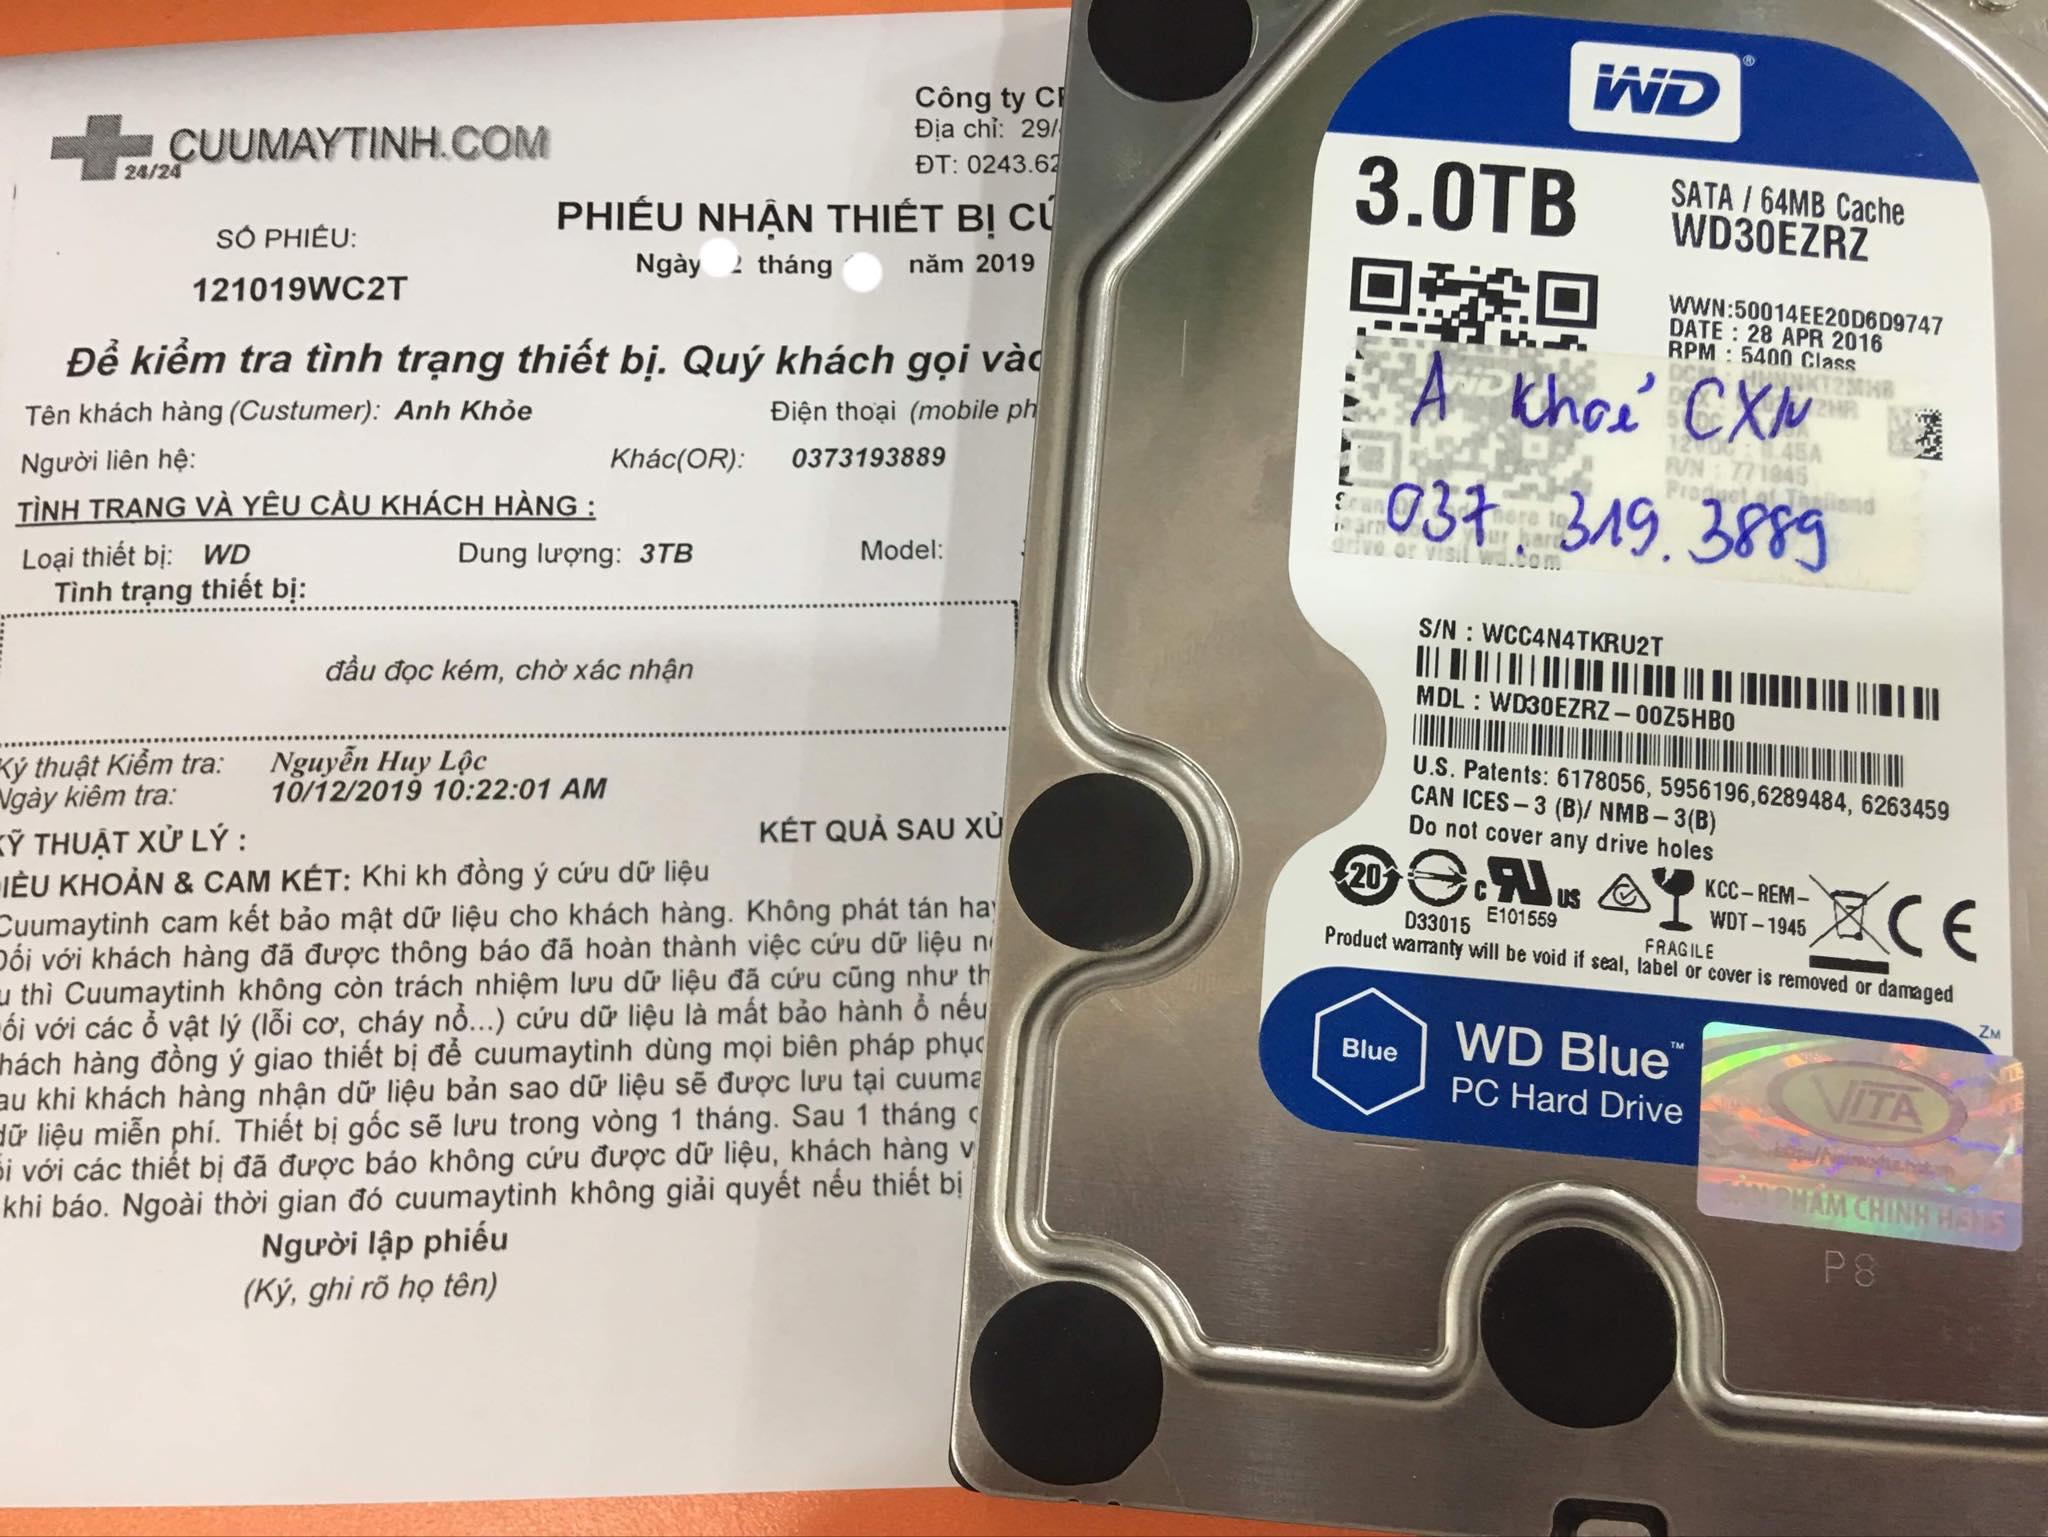 Cứu dữ liệu ổ cứng Western 3TB đầu đọc kém 18/11/2019 - cuumaytinh